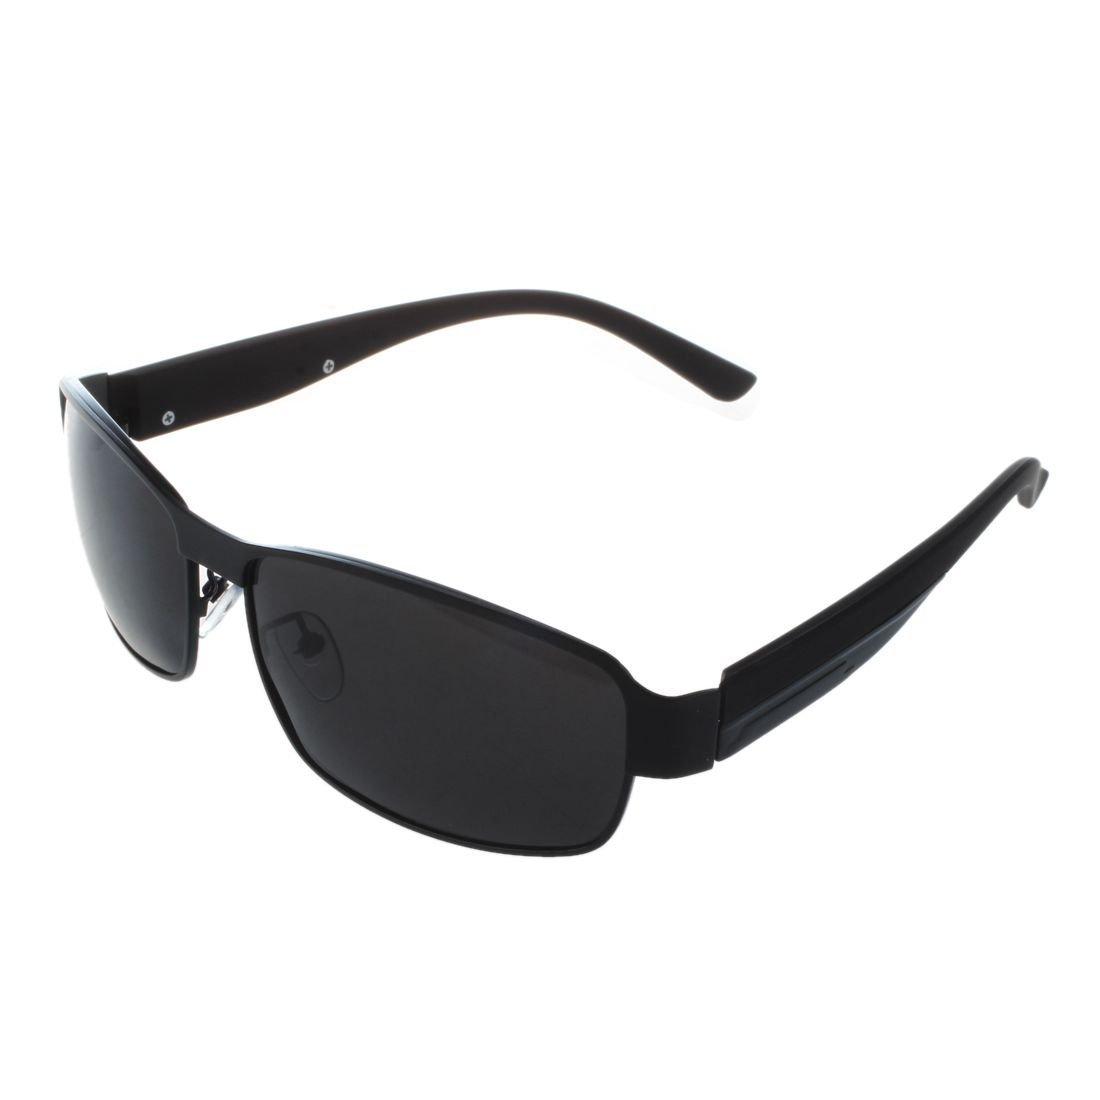 Occhiali Sportivi da Sole Uomo Polarizzati Occhiali Argento sbAgEejyP